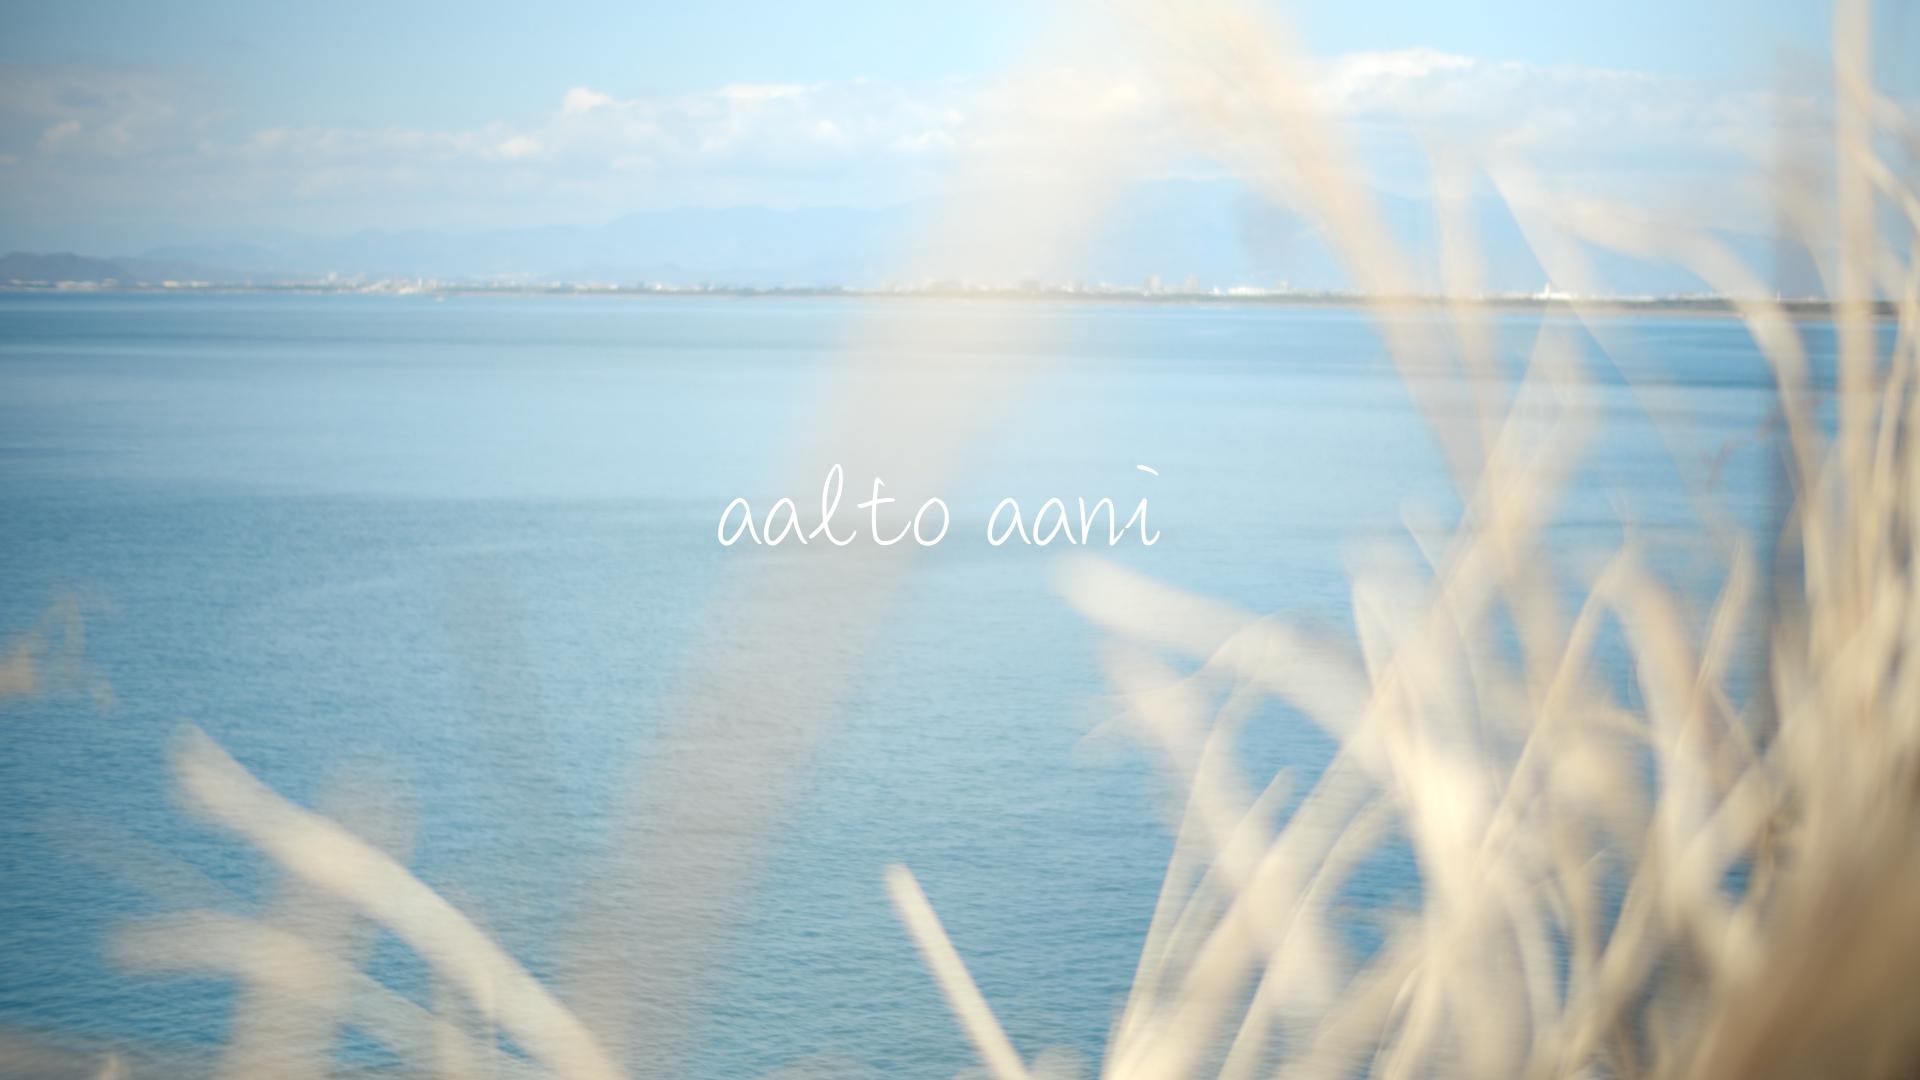 aalto aani website